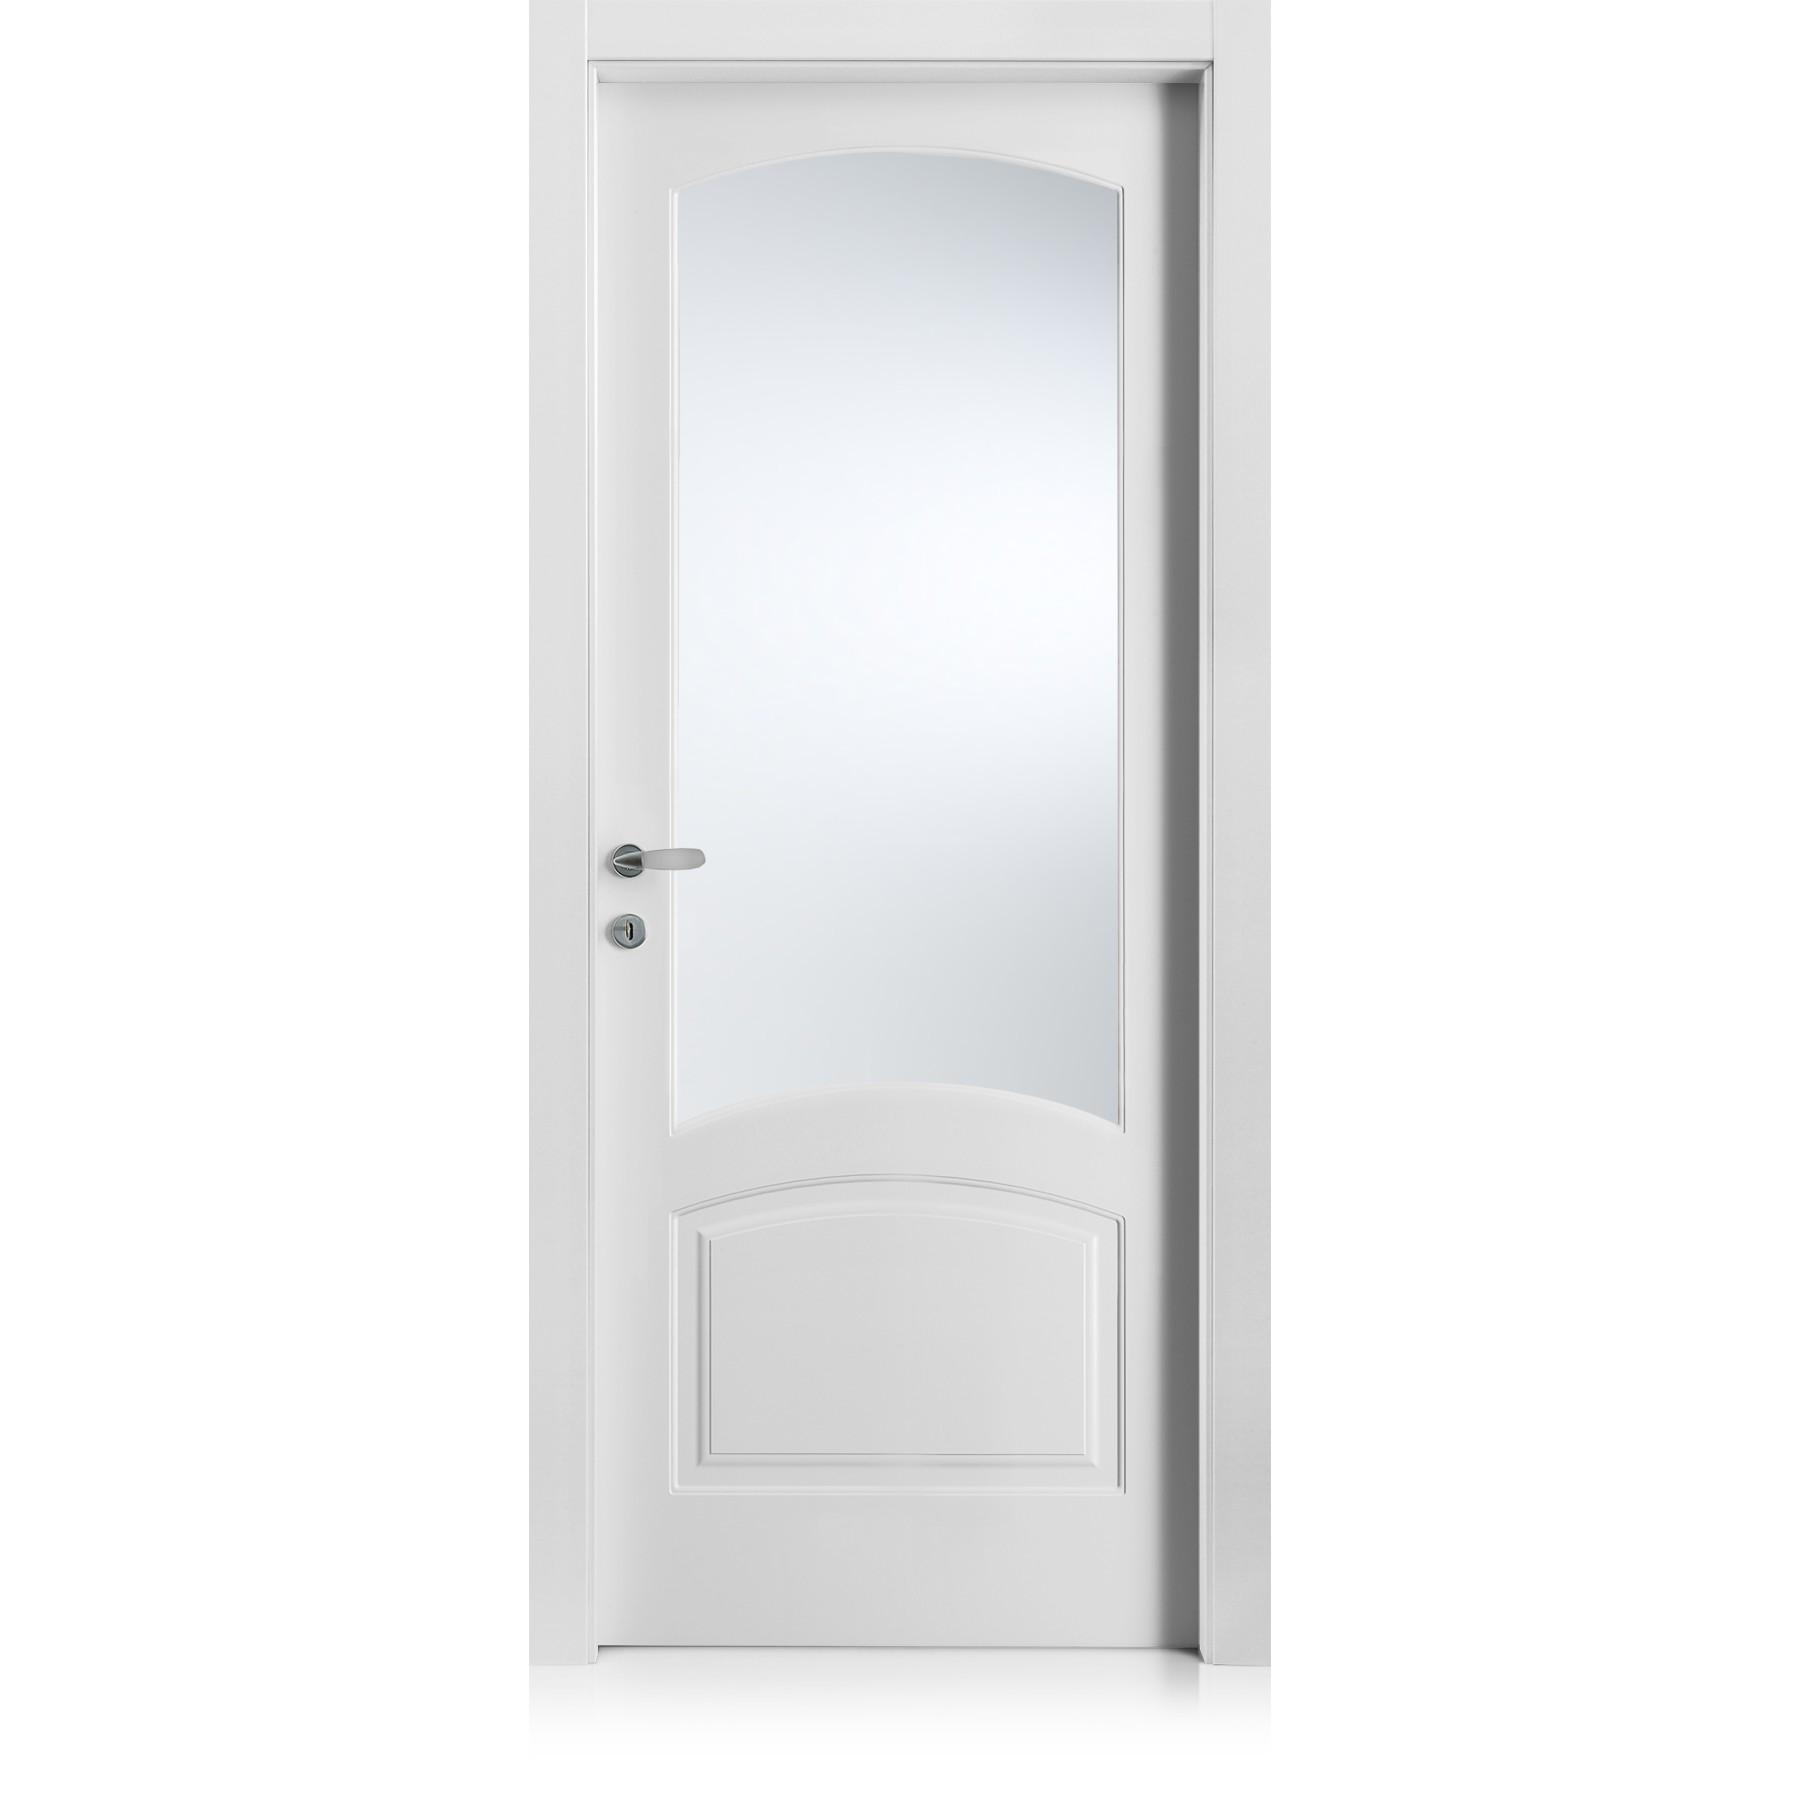 Tür Kevia / 5 bianco optical